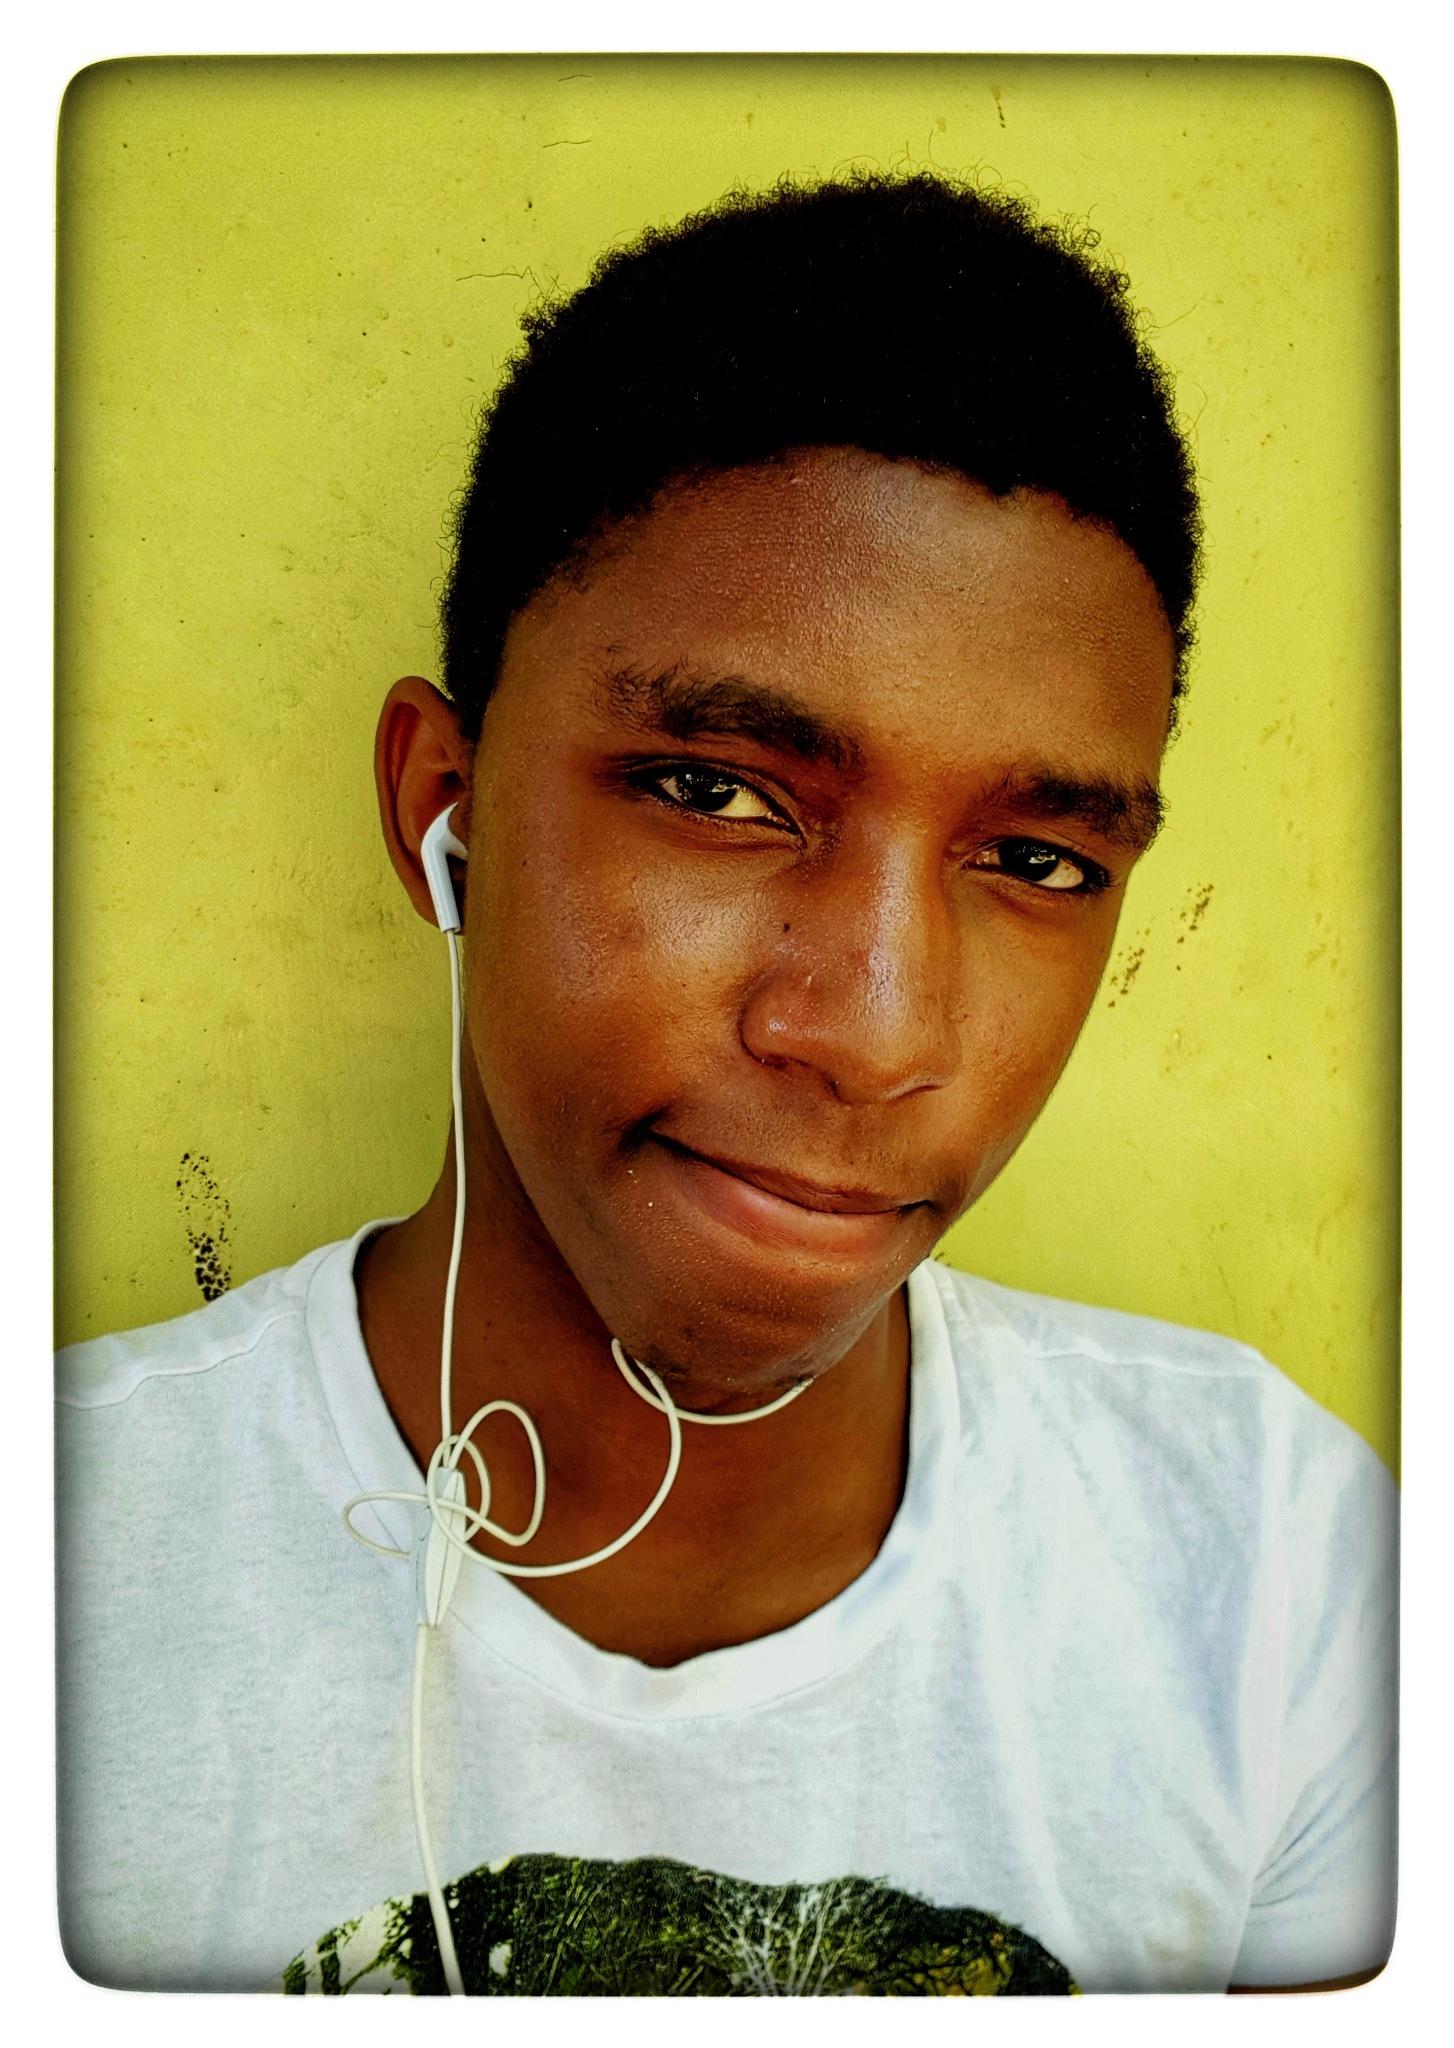 Self-portrait by Kelvin Ziro